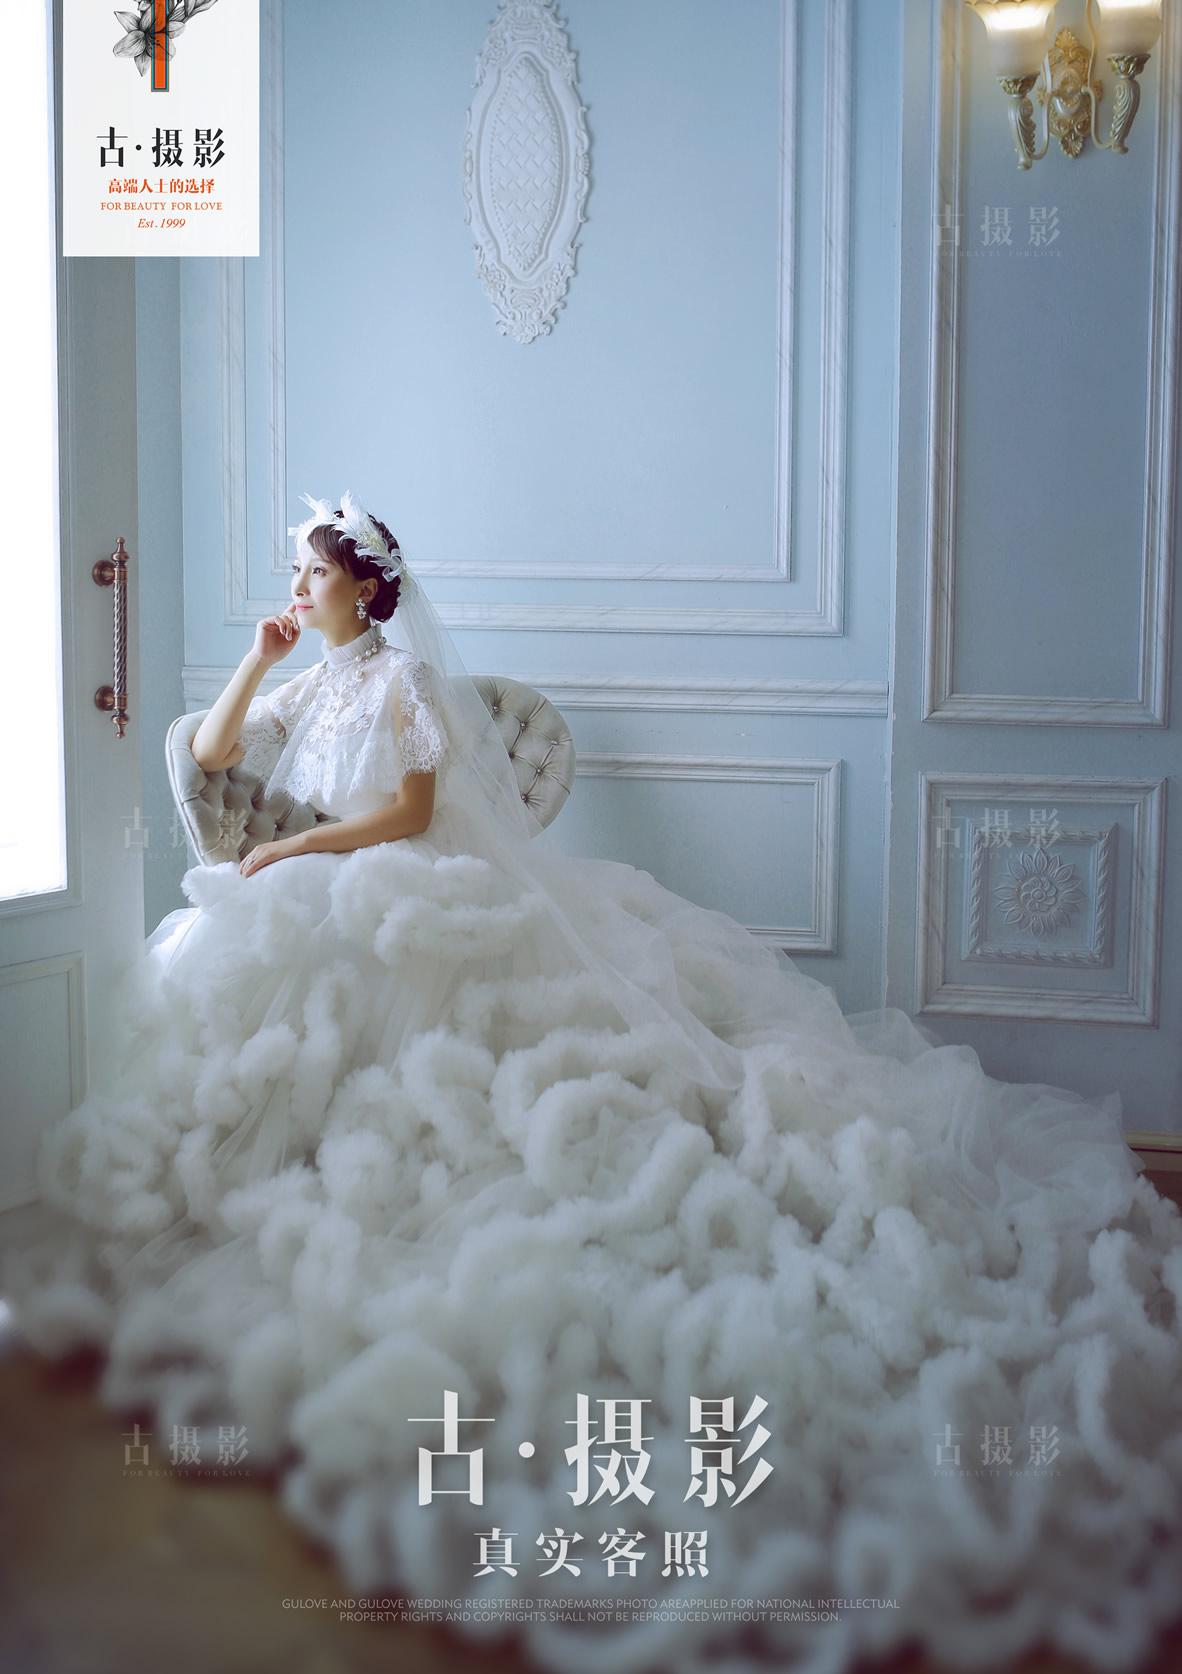 5月13日客片马先生 杨小姐 - 每日客照 - love昆明古摄影-昆明婚纱摄影网